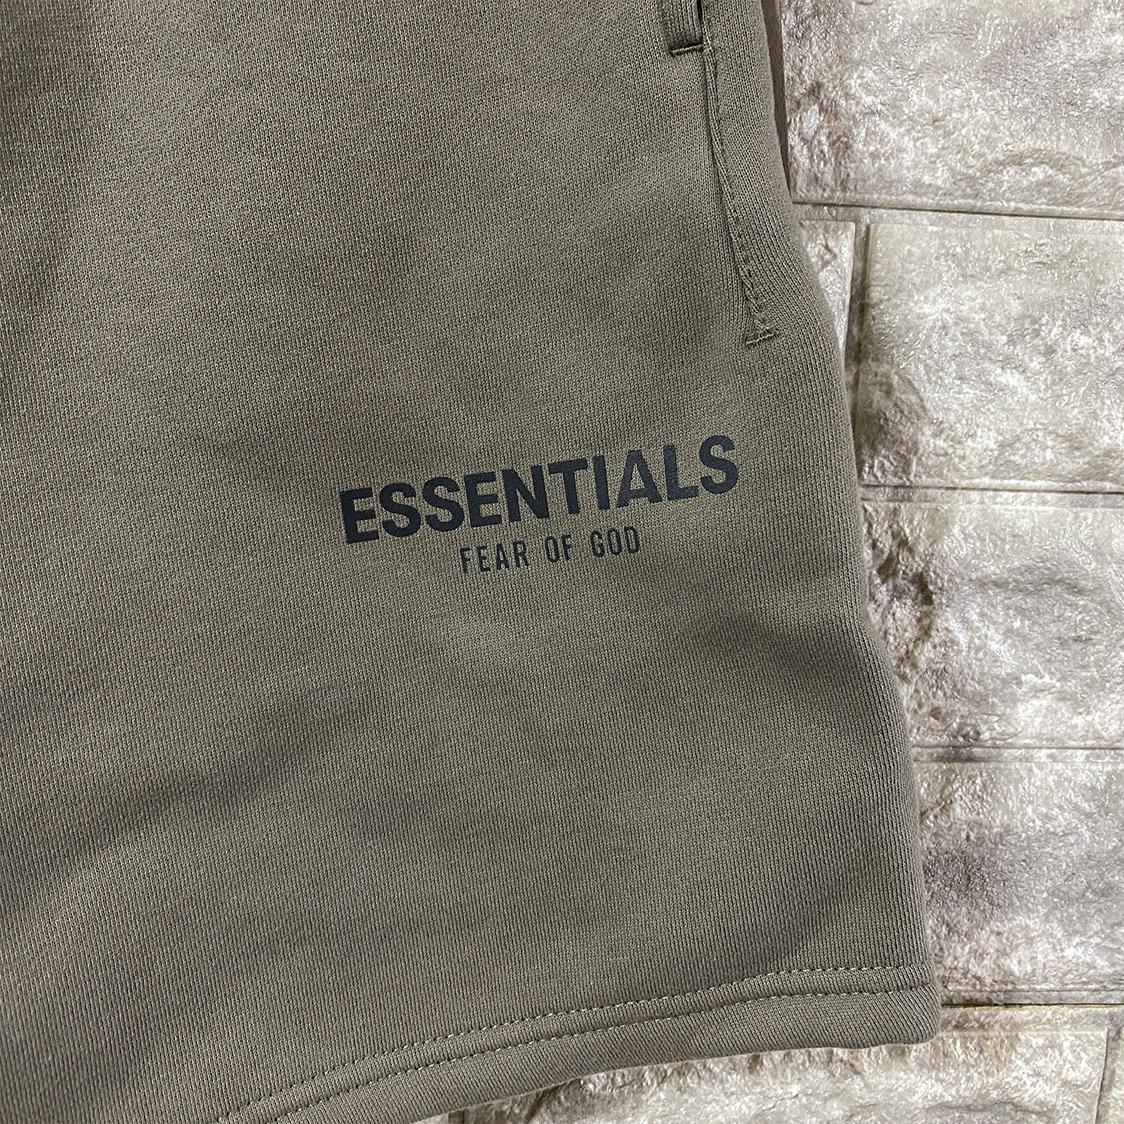 2021新作 新品 Fear Of God Essentials フェアオブゴッド エッセンシャルズ【Sサイズ】 ロゴ スウェット ショーツ ハーフパンツ セメント FOG